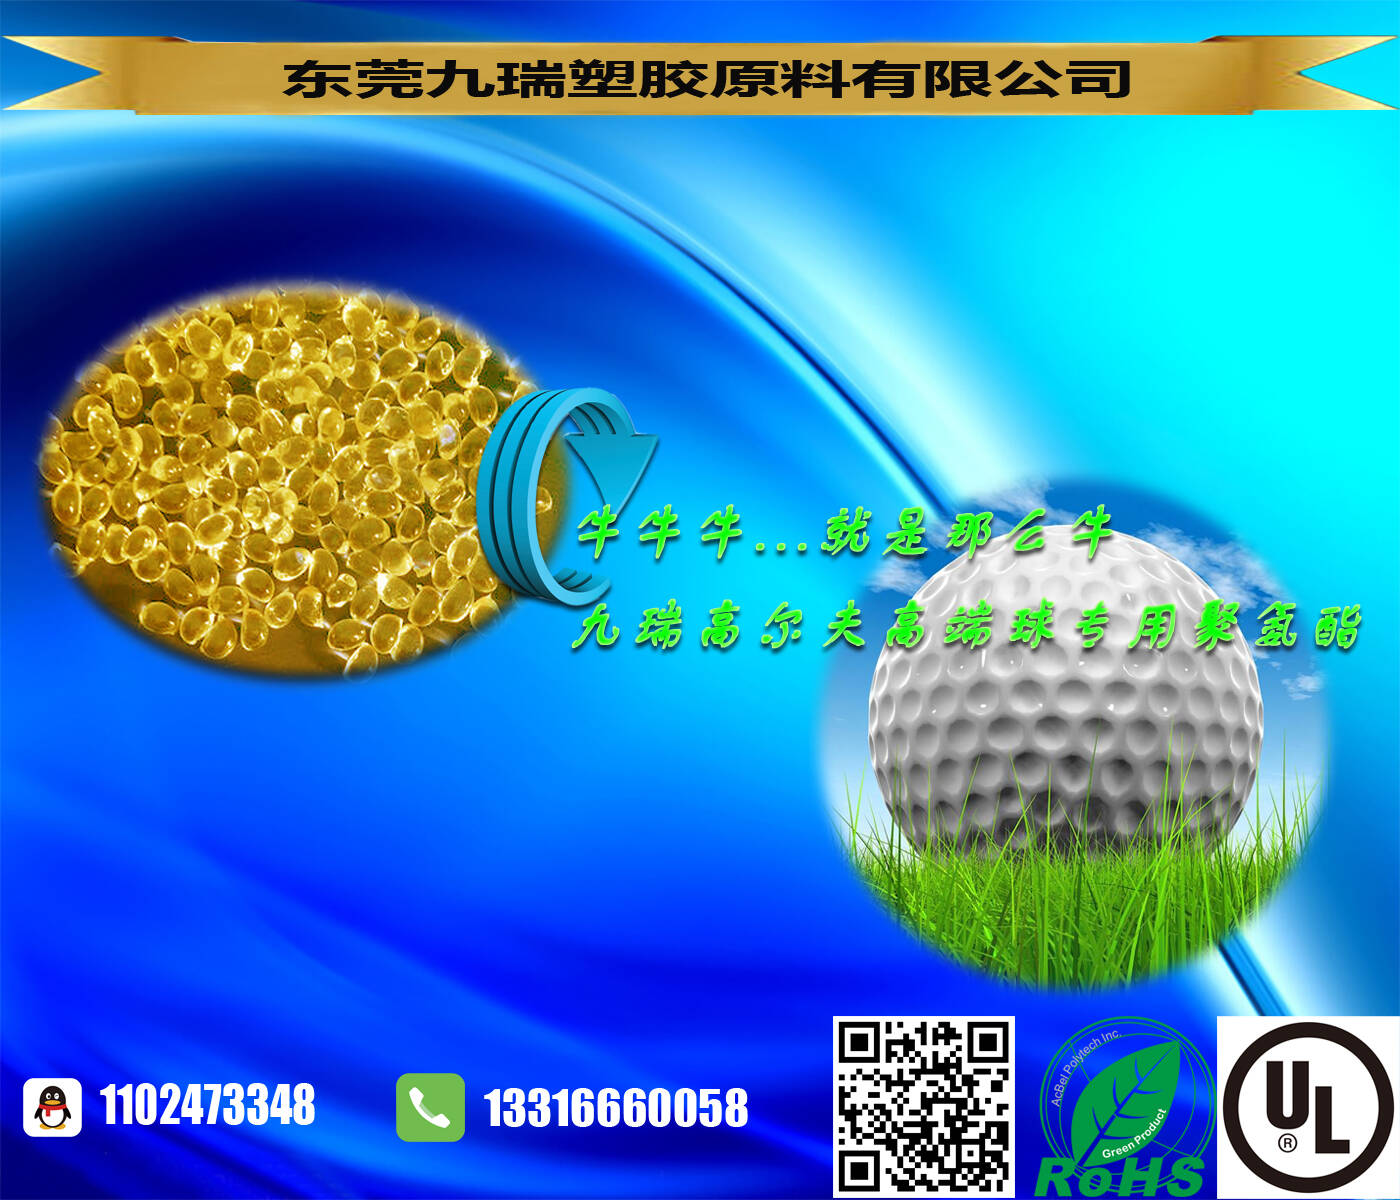 制造高尔夫球的好材料92A聚氨酯树脂G-42D92A50N